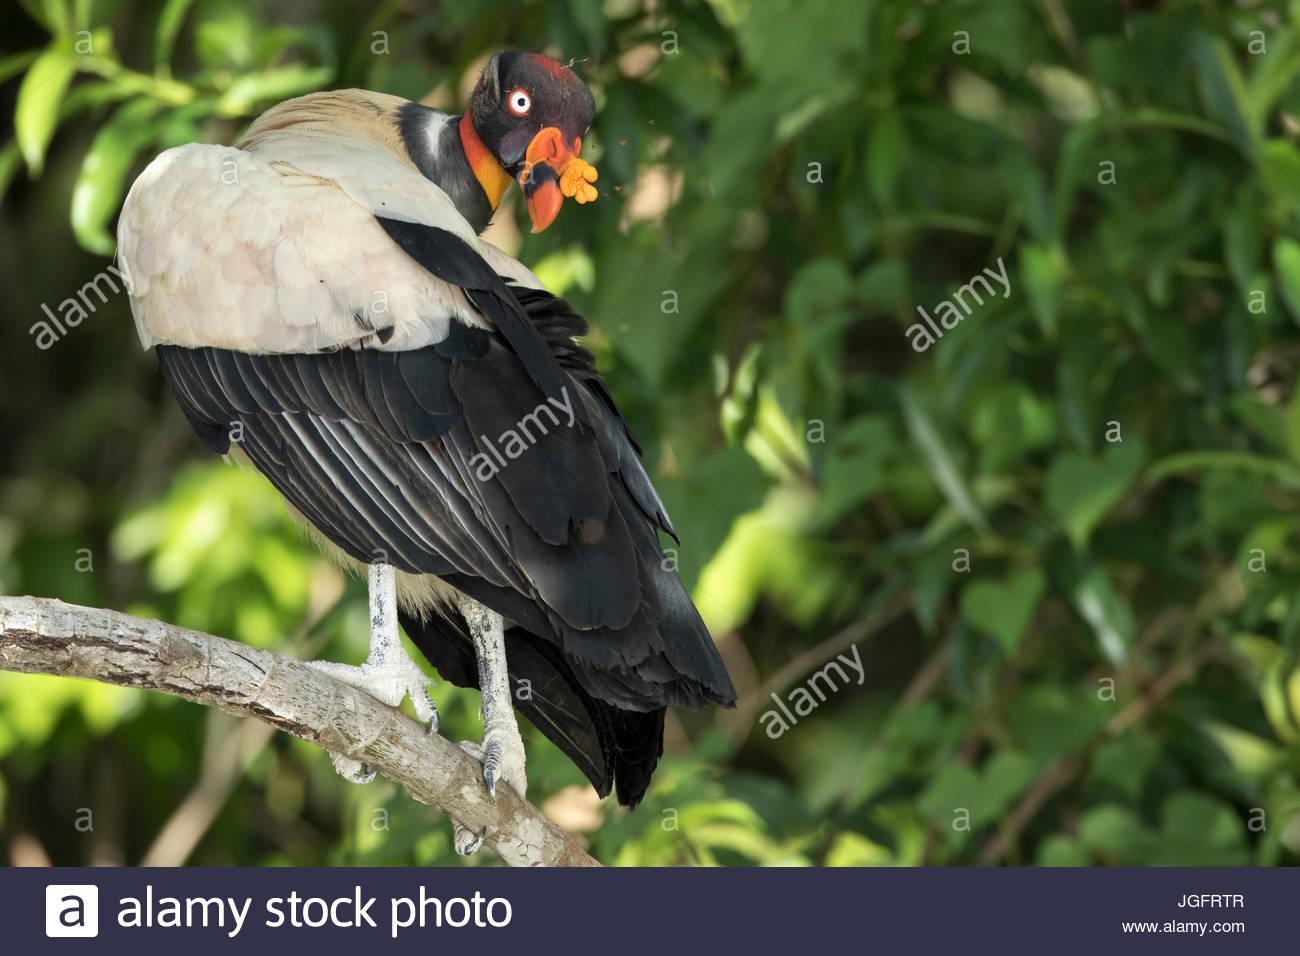 Un roi Sarcoramphus papa, vautour, est perché sur une branche d'arbre en parc national de Manu. Photo Stock